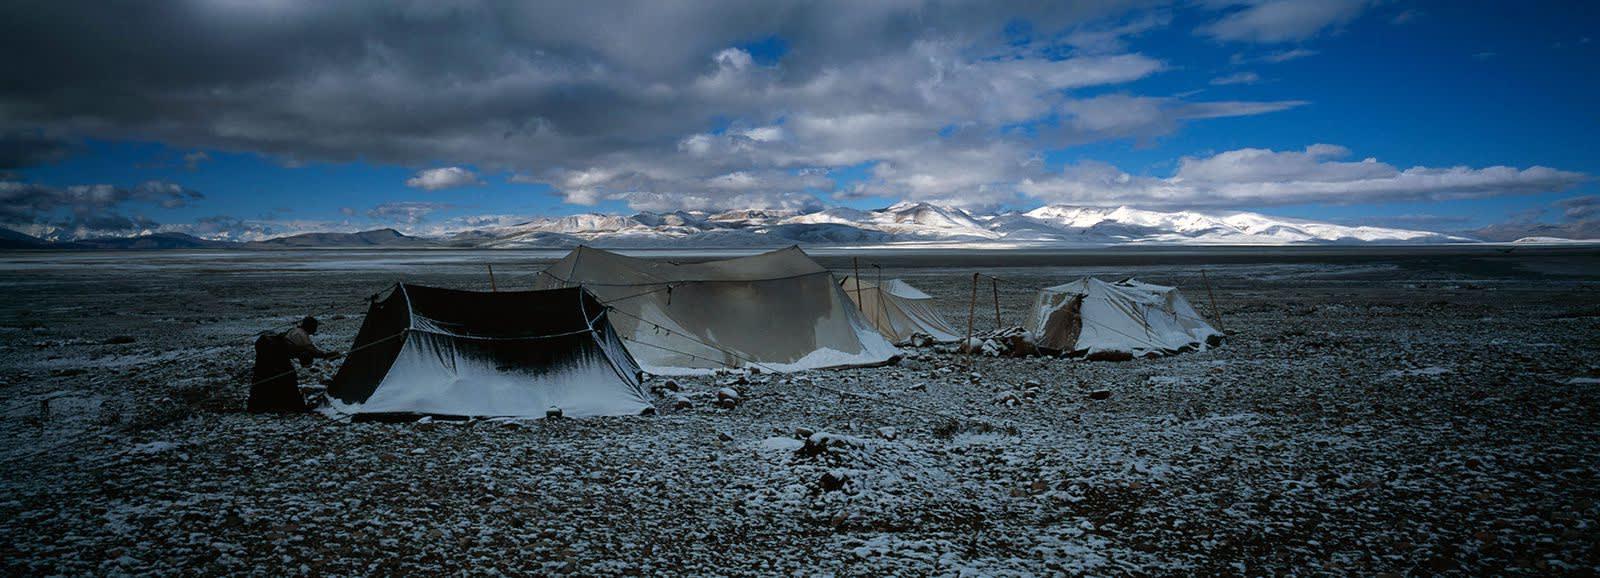 Matjaž Krivic, darchen, tibet